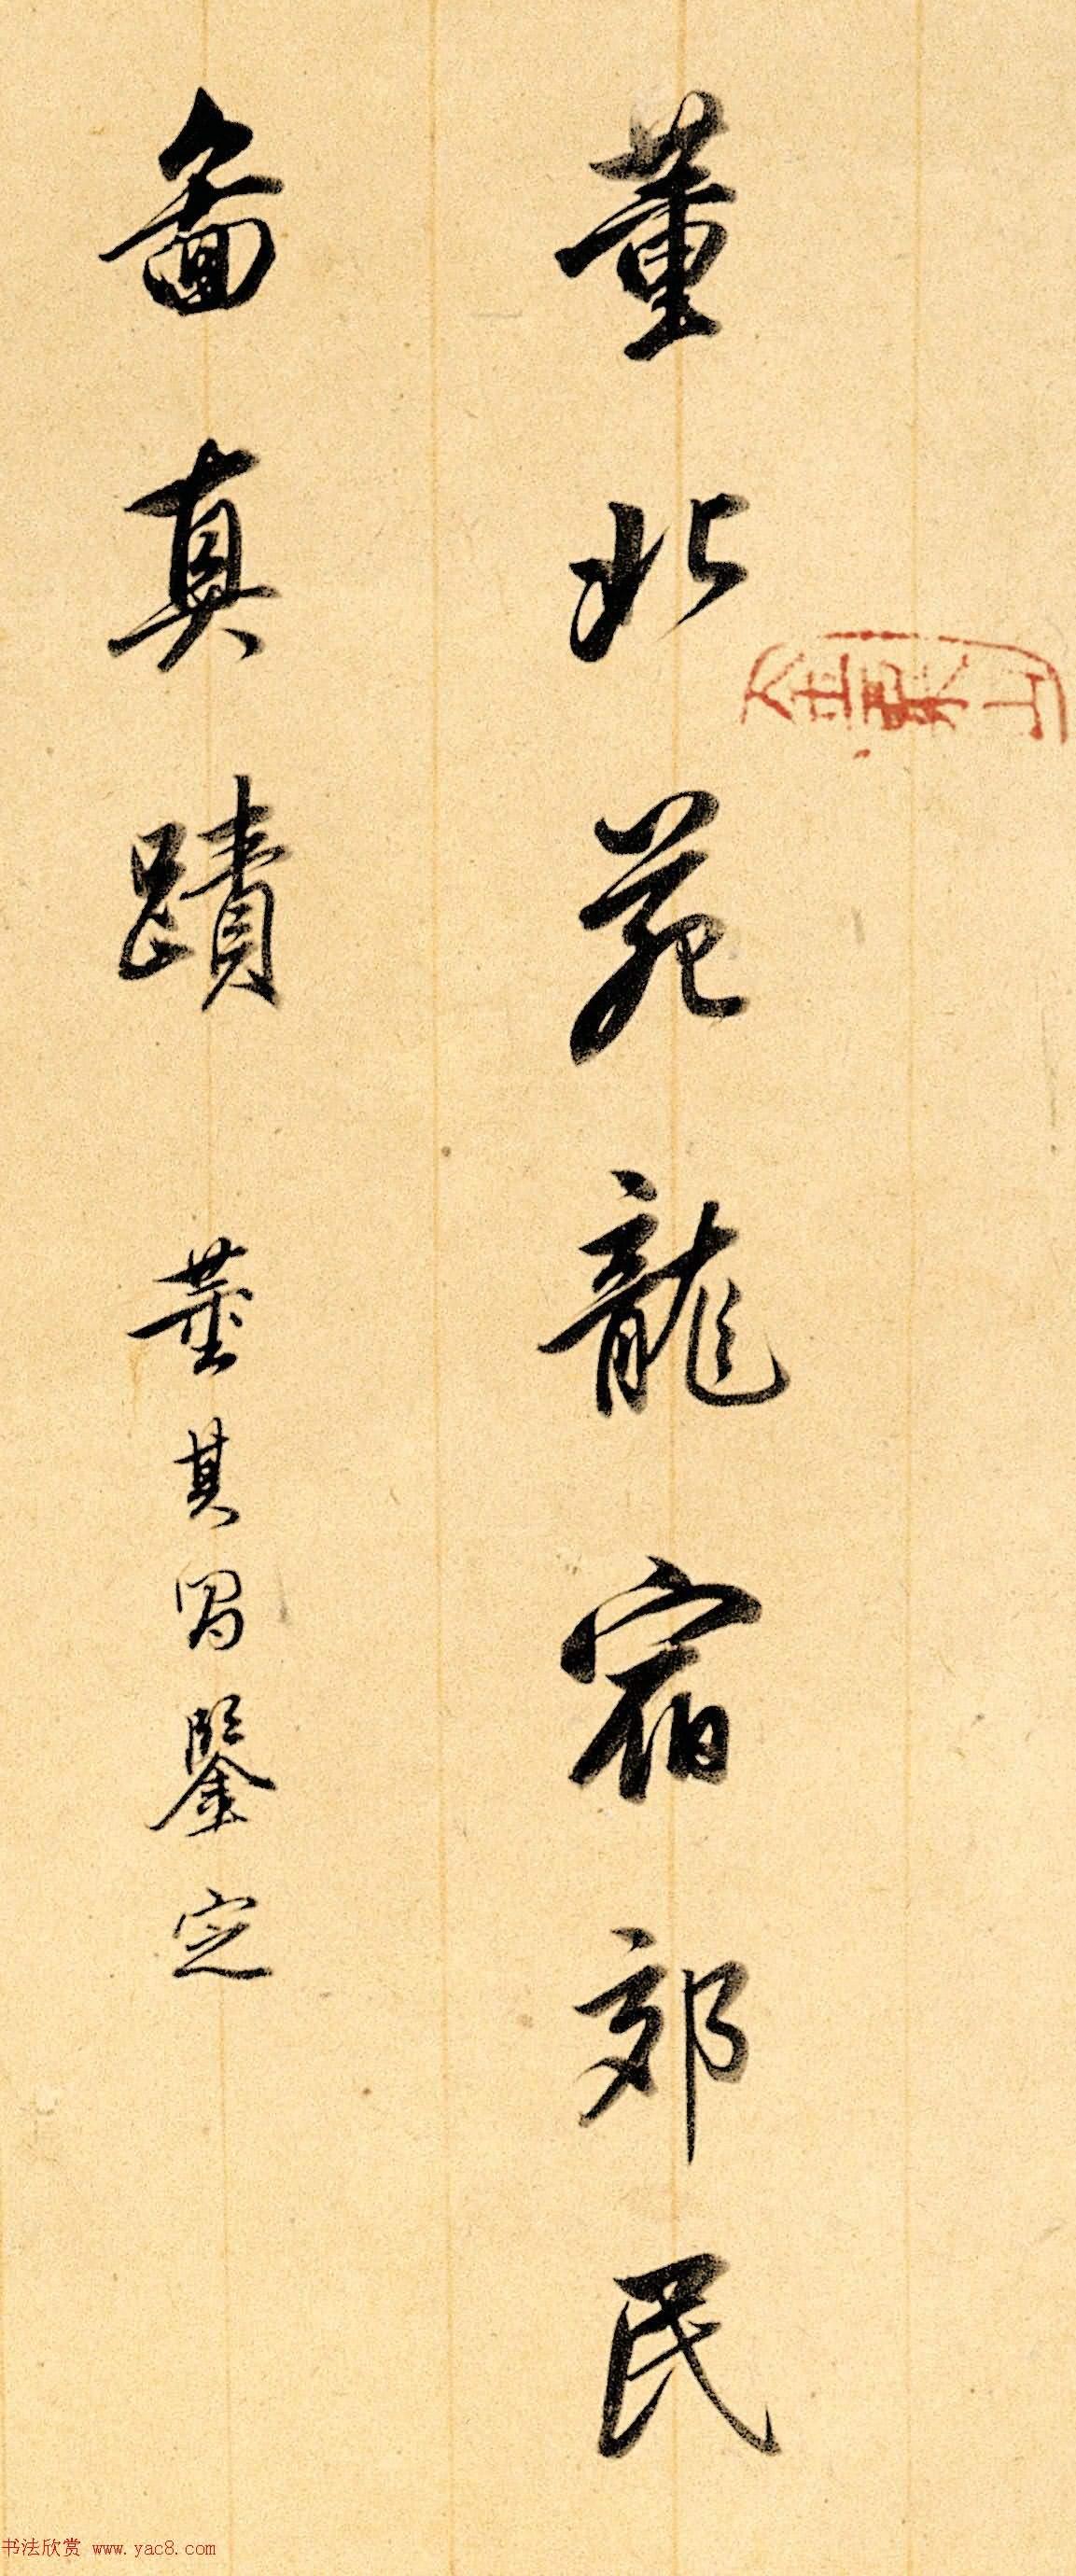 董其昌鑒藏《行書題龍宿郊民圖》(共7張圖片)